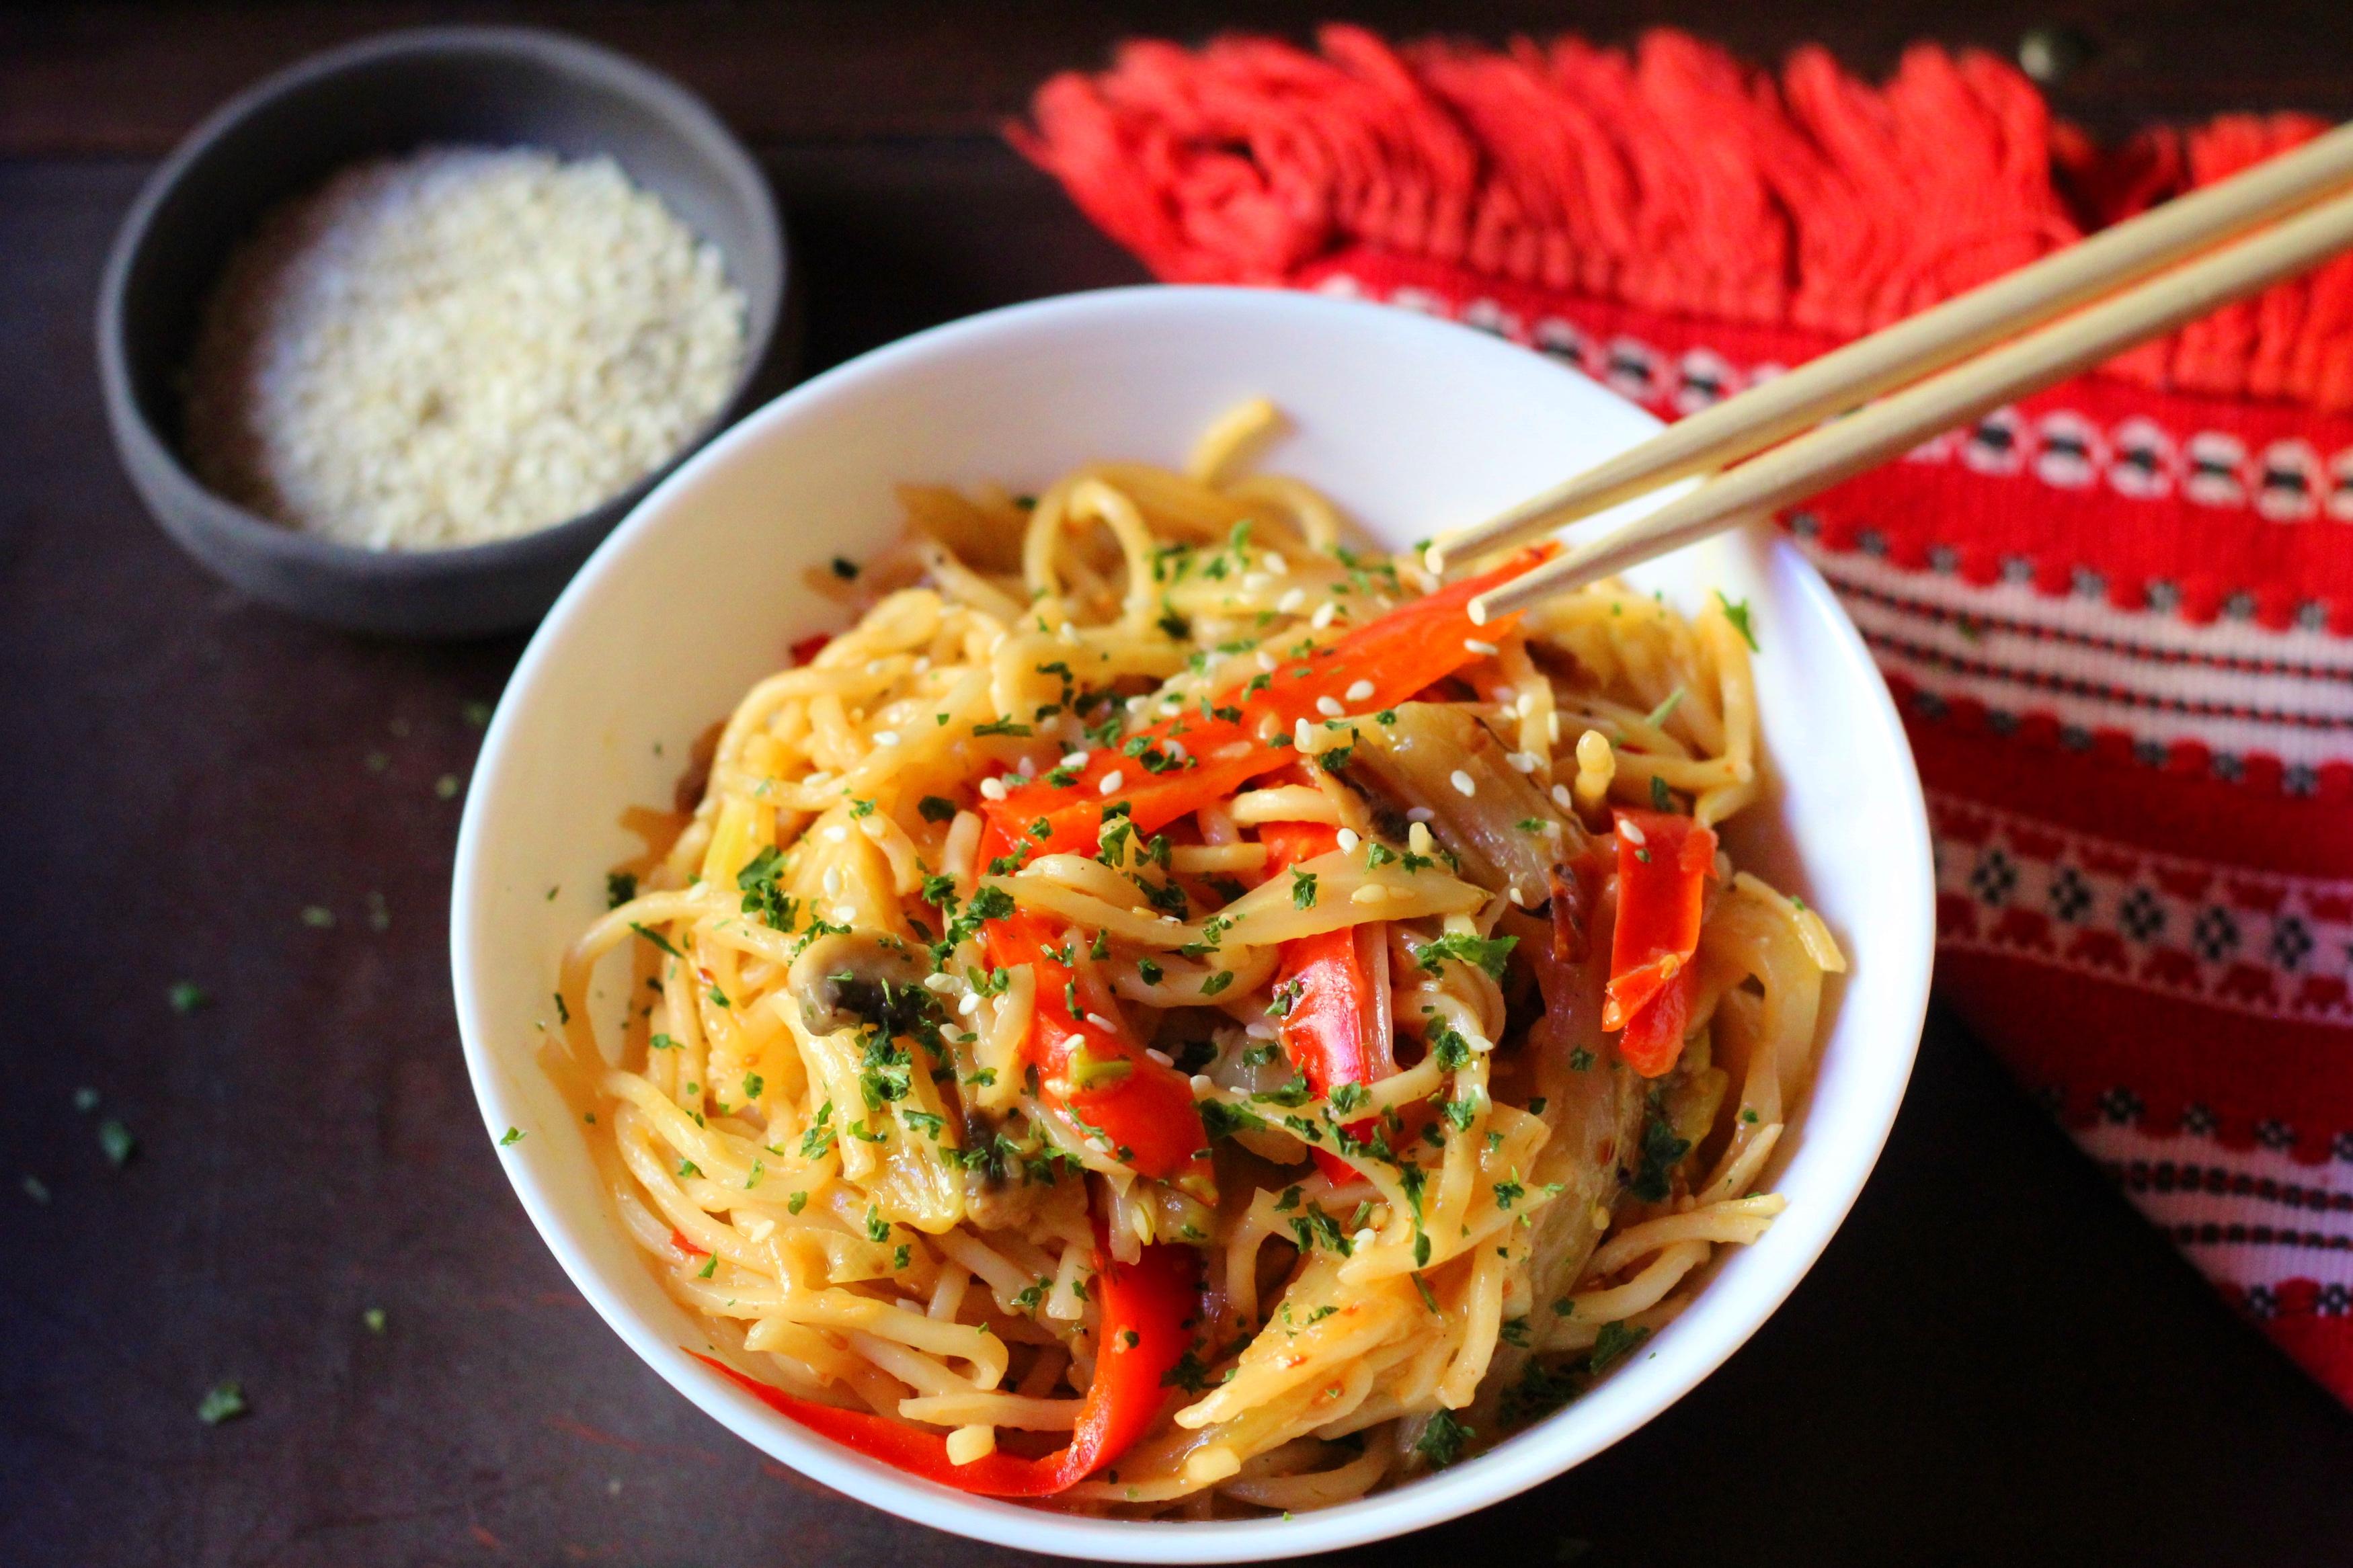 Zöldséges rizstészta